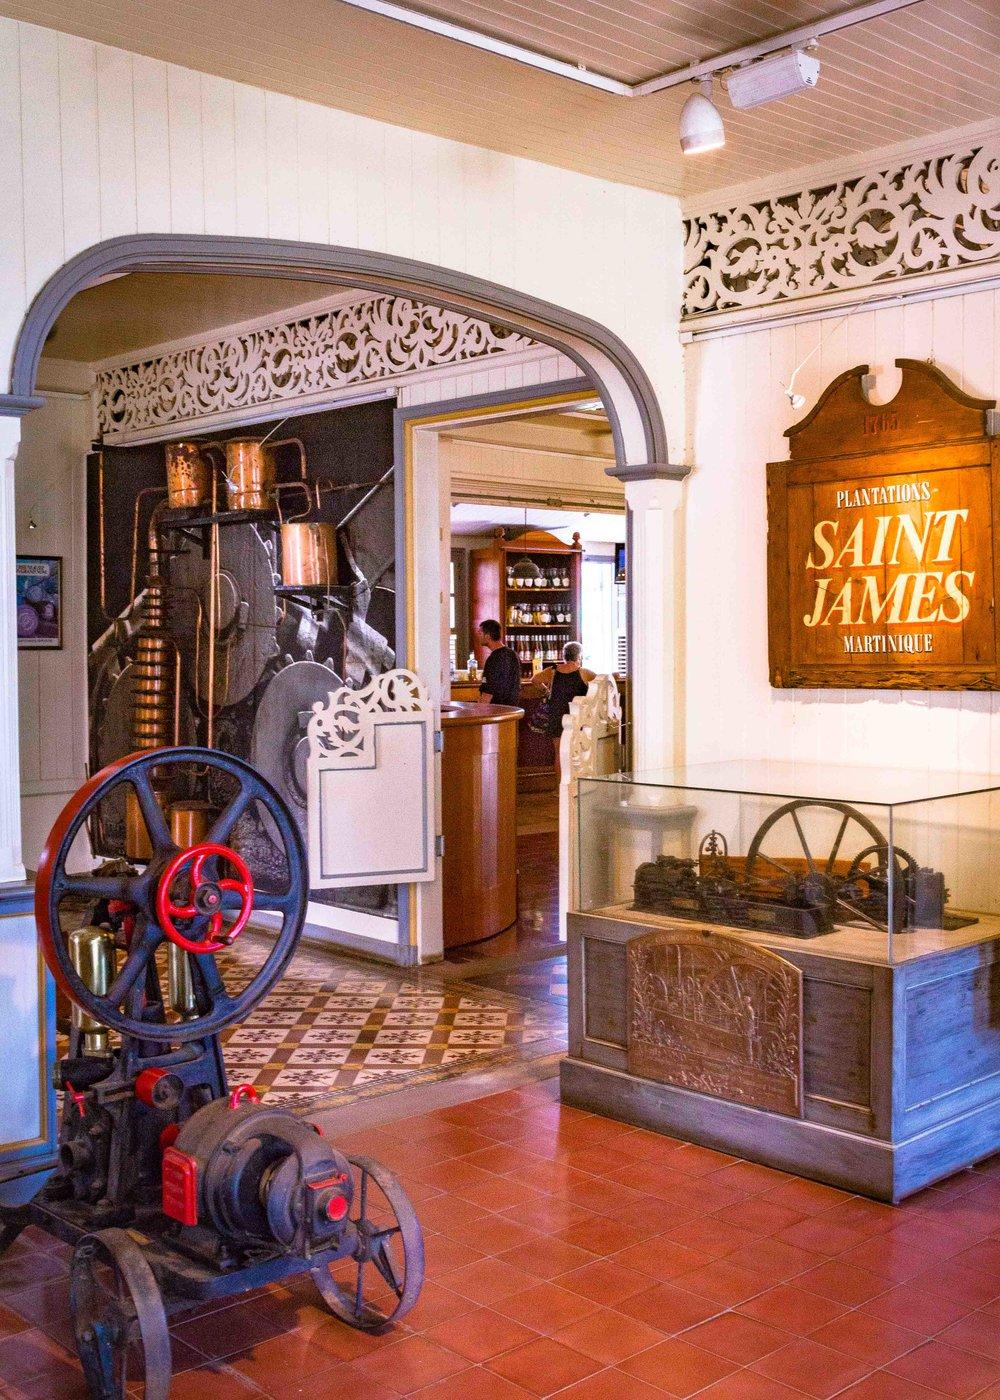 martiinique_distillerie_saint-james_machines_2913.jpg